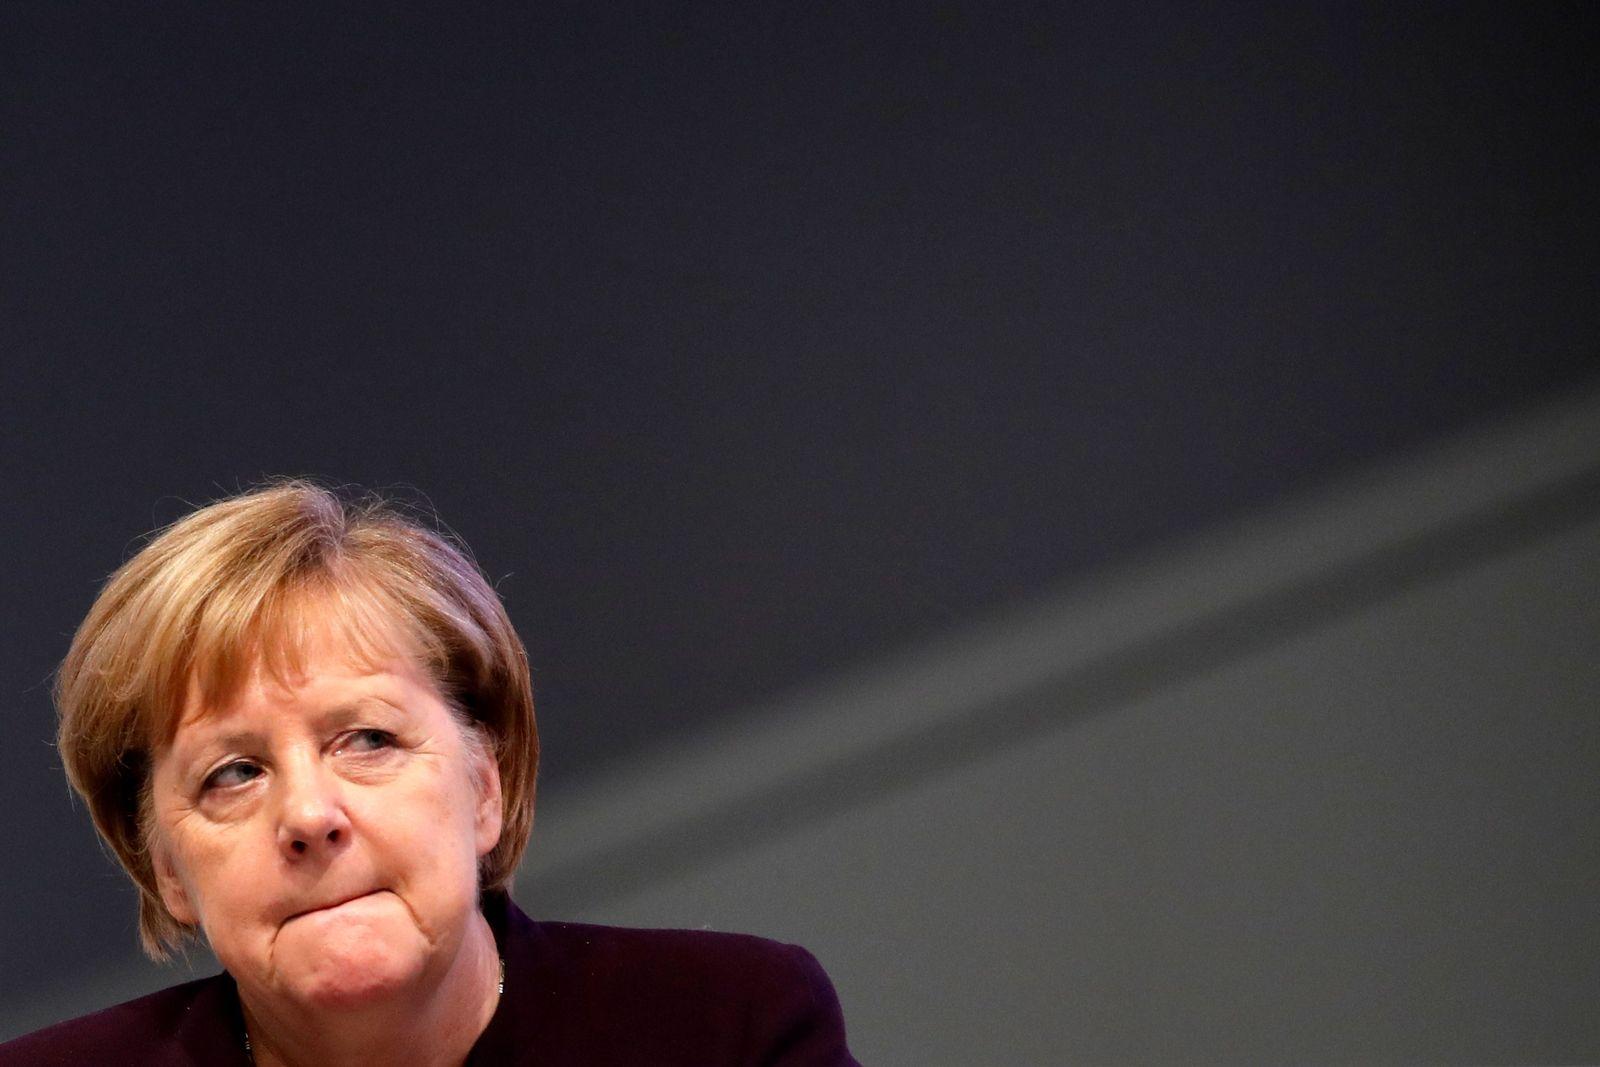 Angela Merkel Parteitag CDU Leipzig